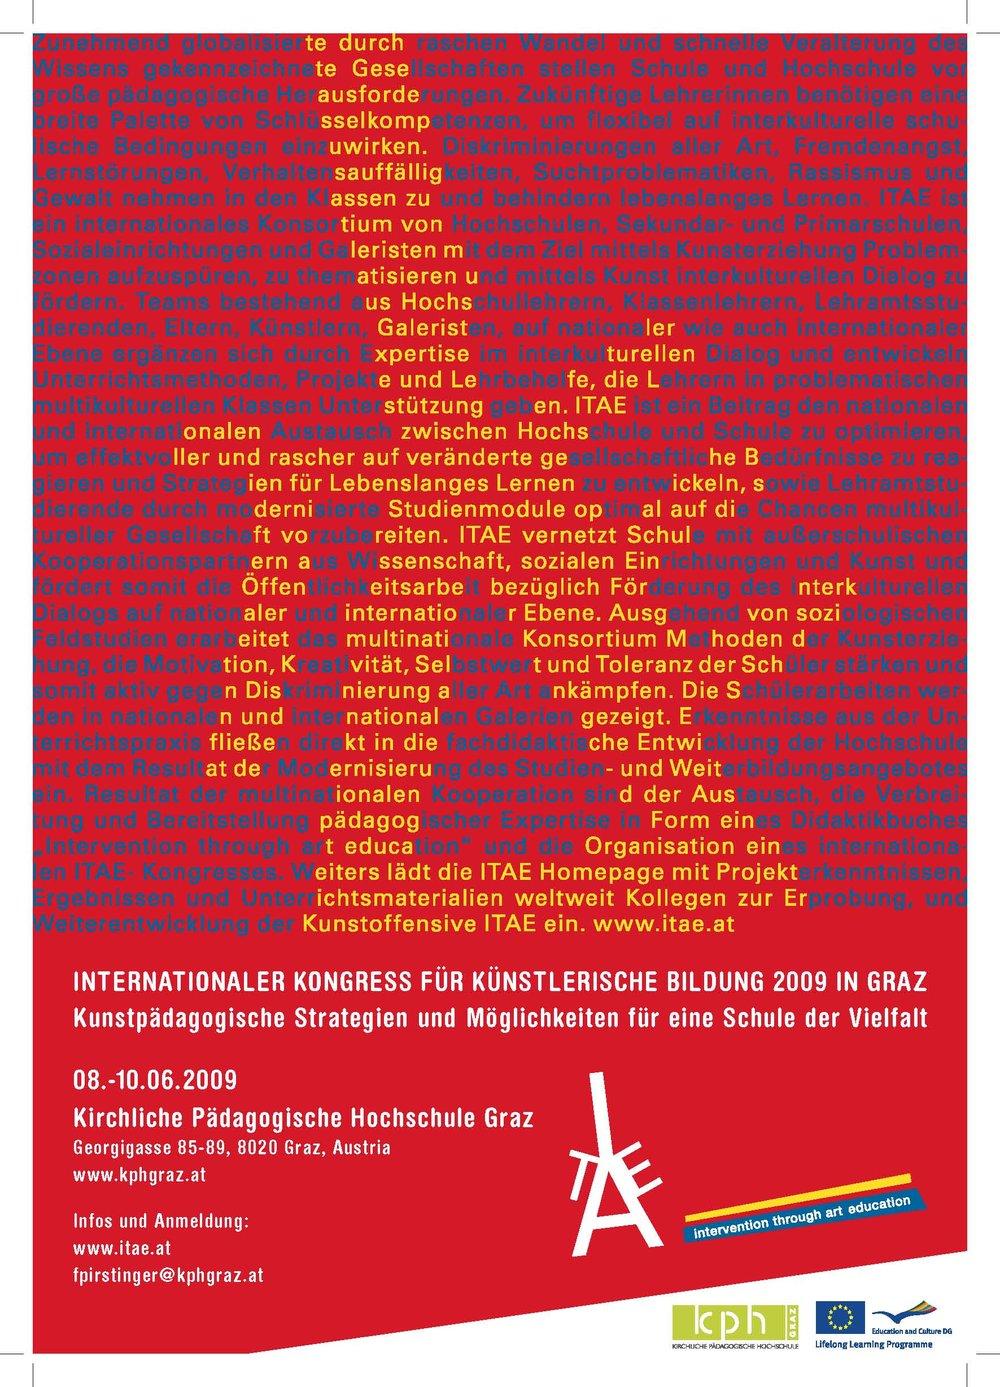 Kongressplakat deutsch-1.jpg